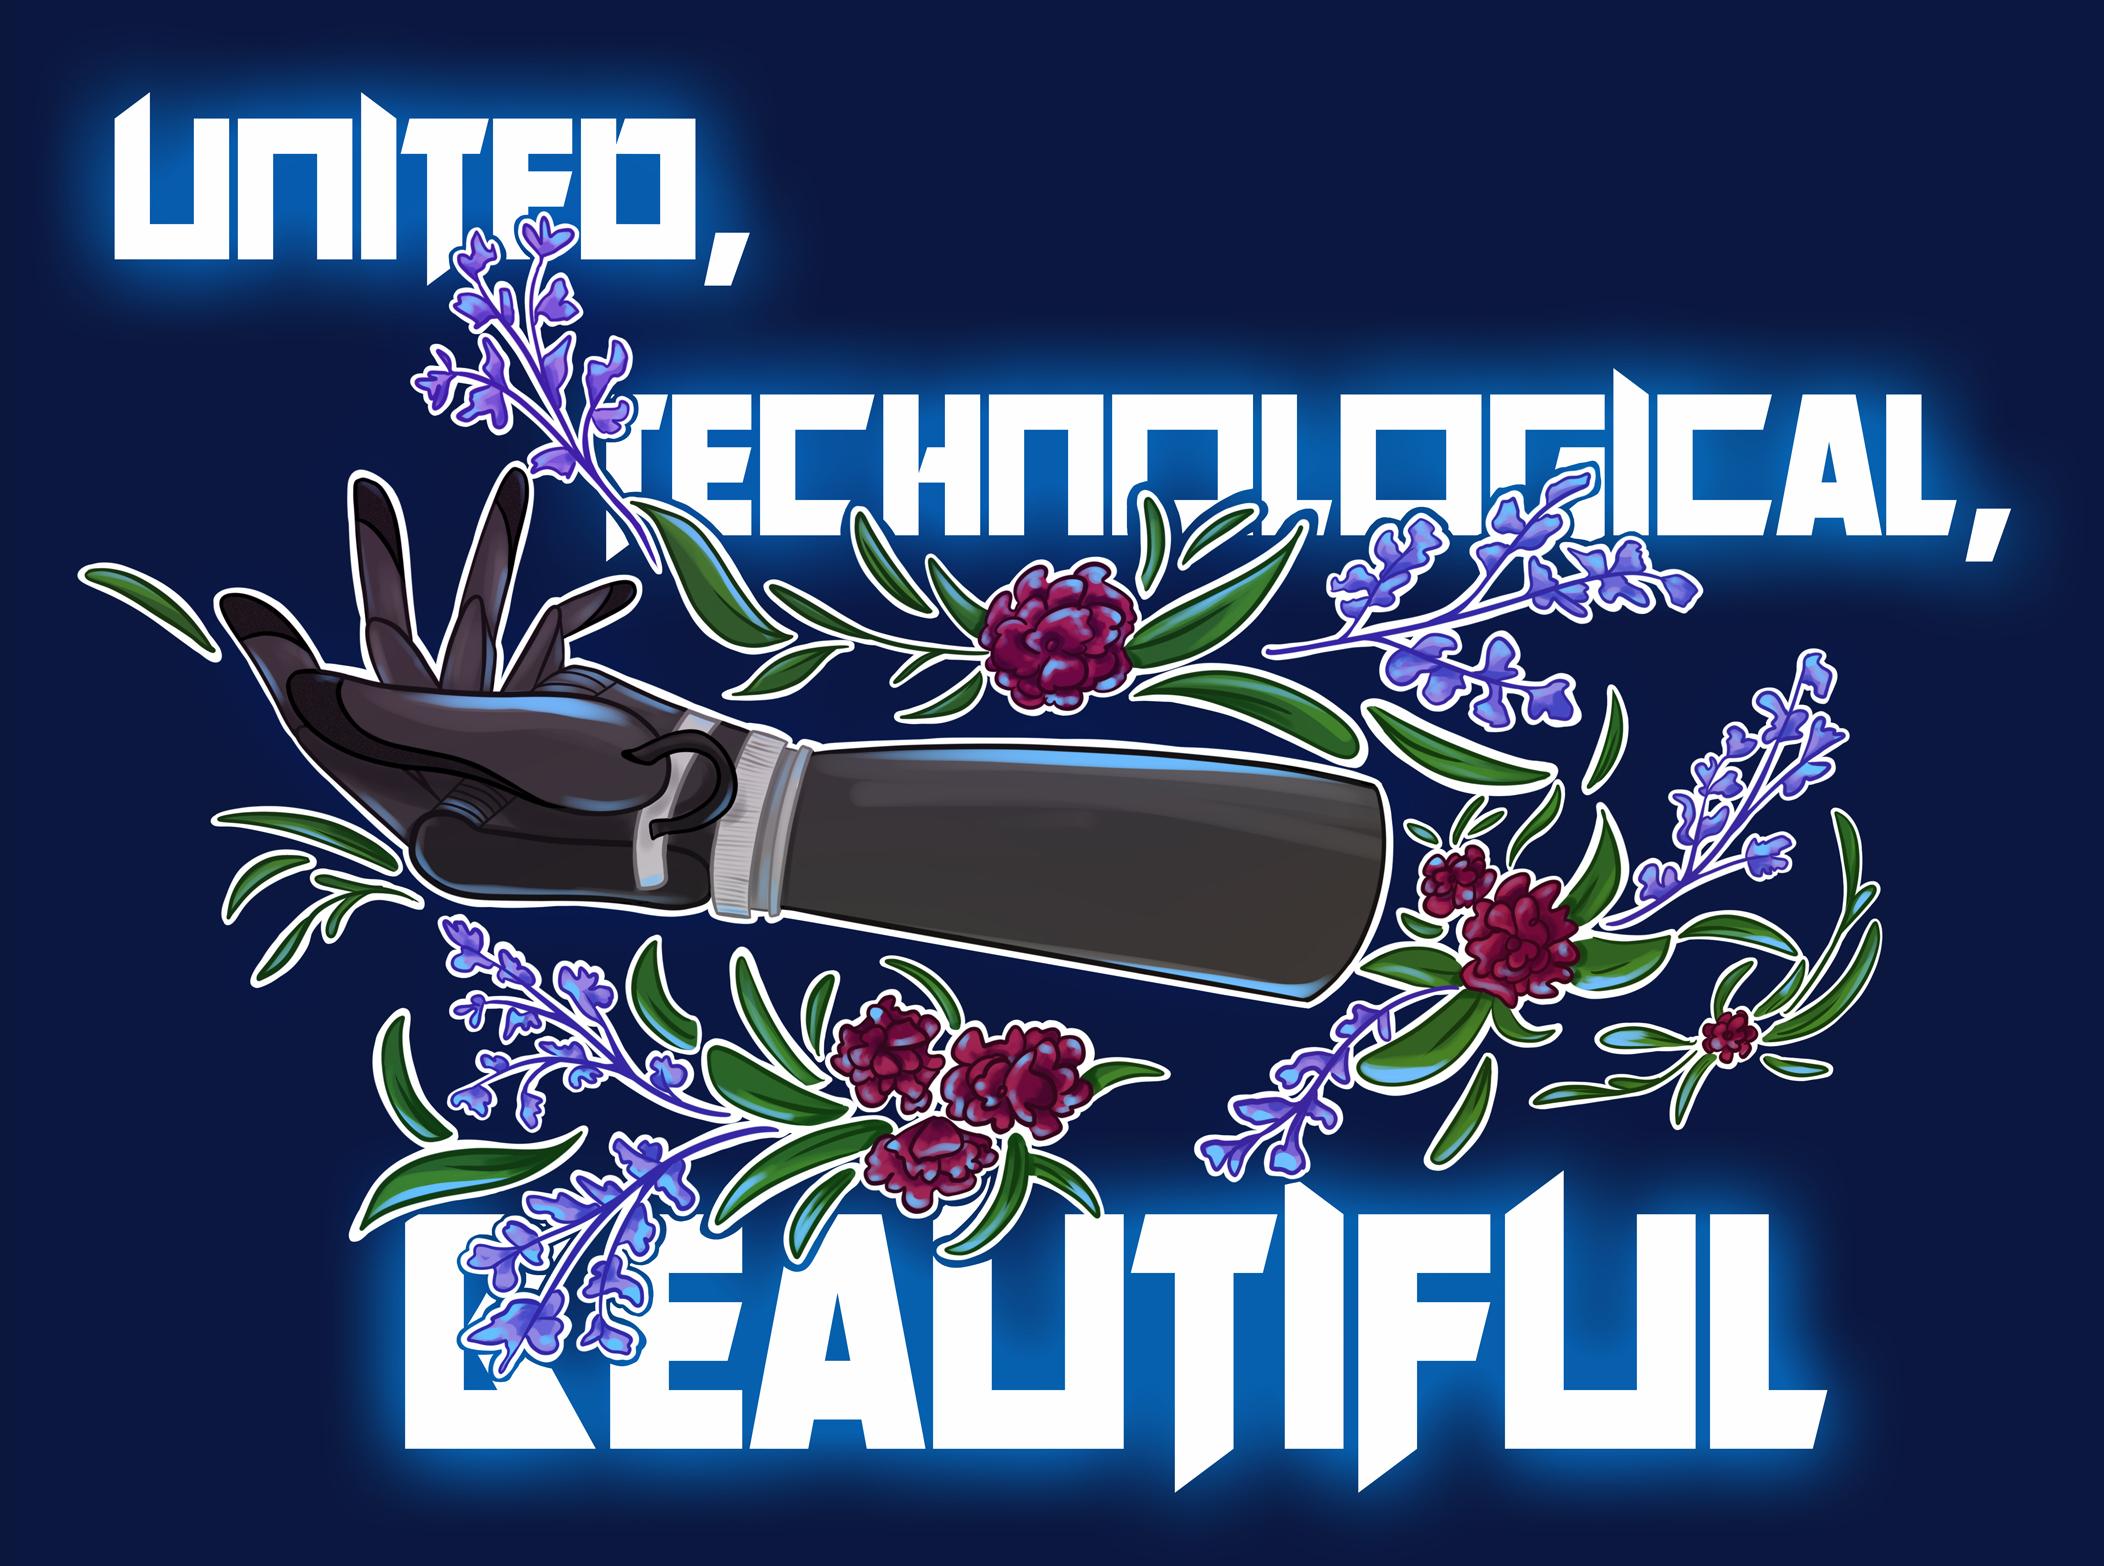 Нарисовать принты на футболки для компании Моторика фото f_657609fe08032188.jpg